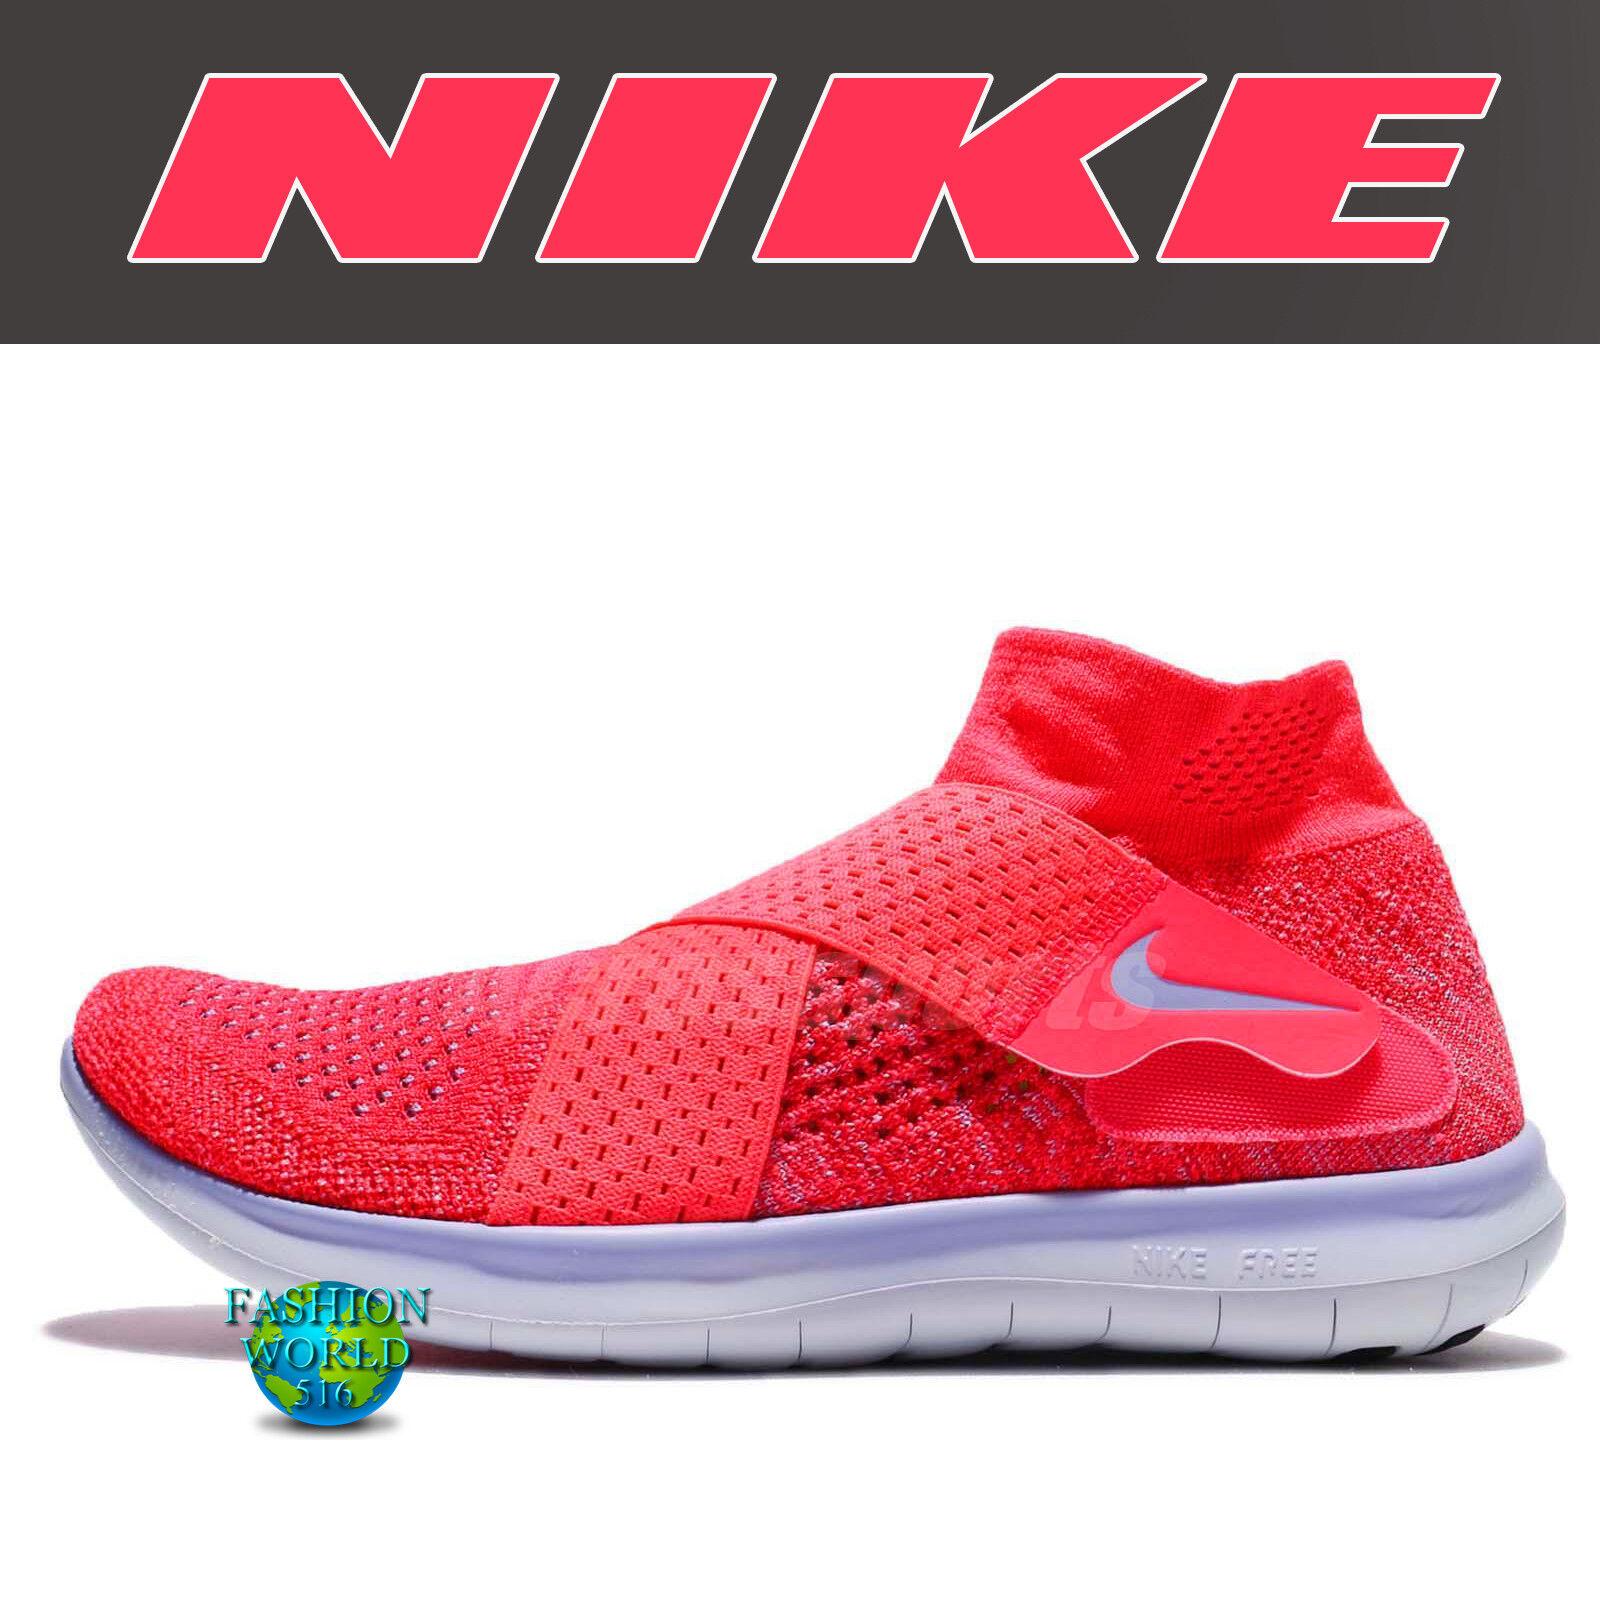 Nike Women's Size 8.5 Free Rn Motion Flyknit 2017 Running Shoe 880846 601